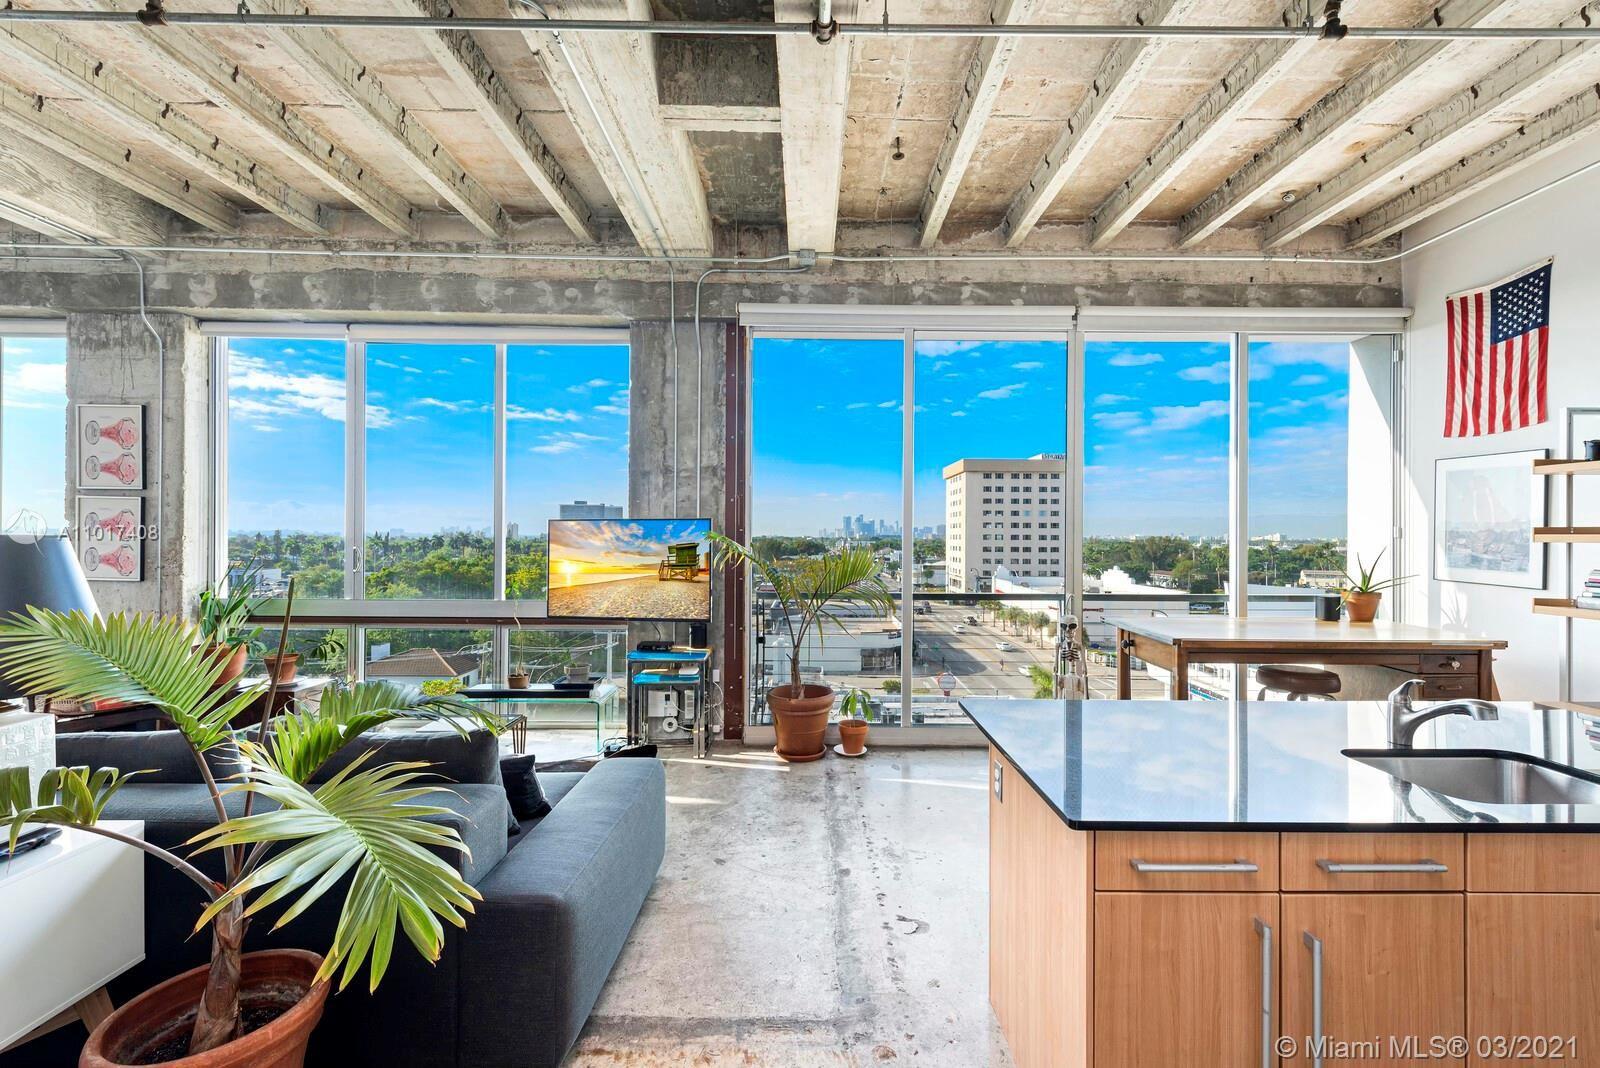 8101 Biscayne Blvd #R-608, Miami, FL 33138 - #: A11017408